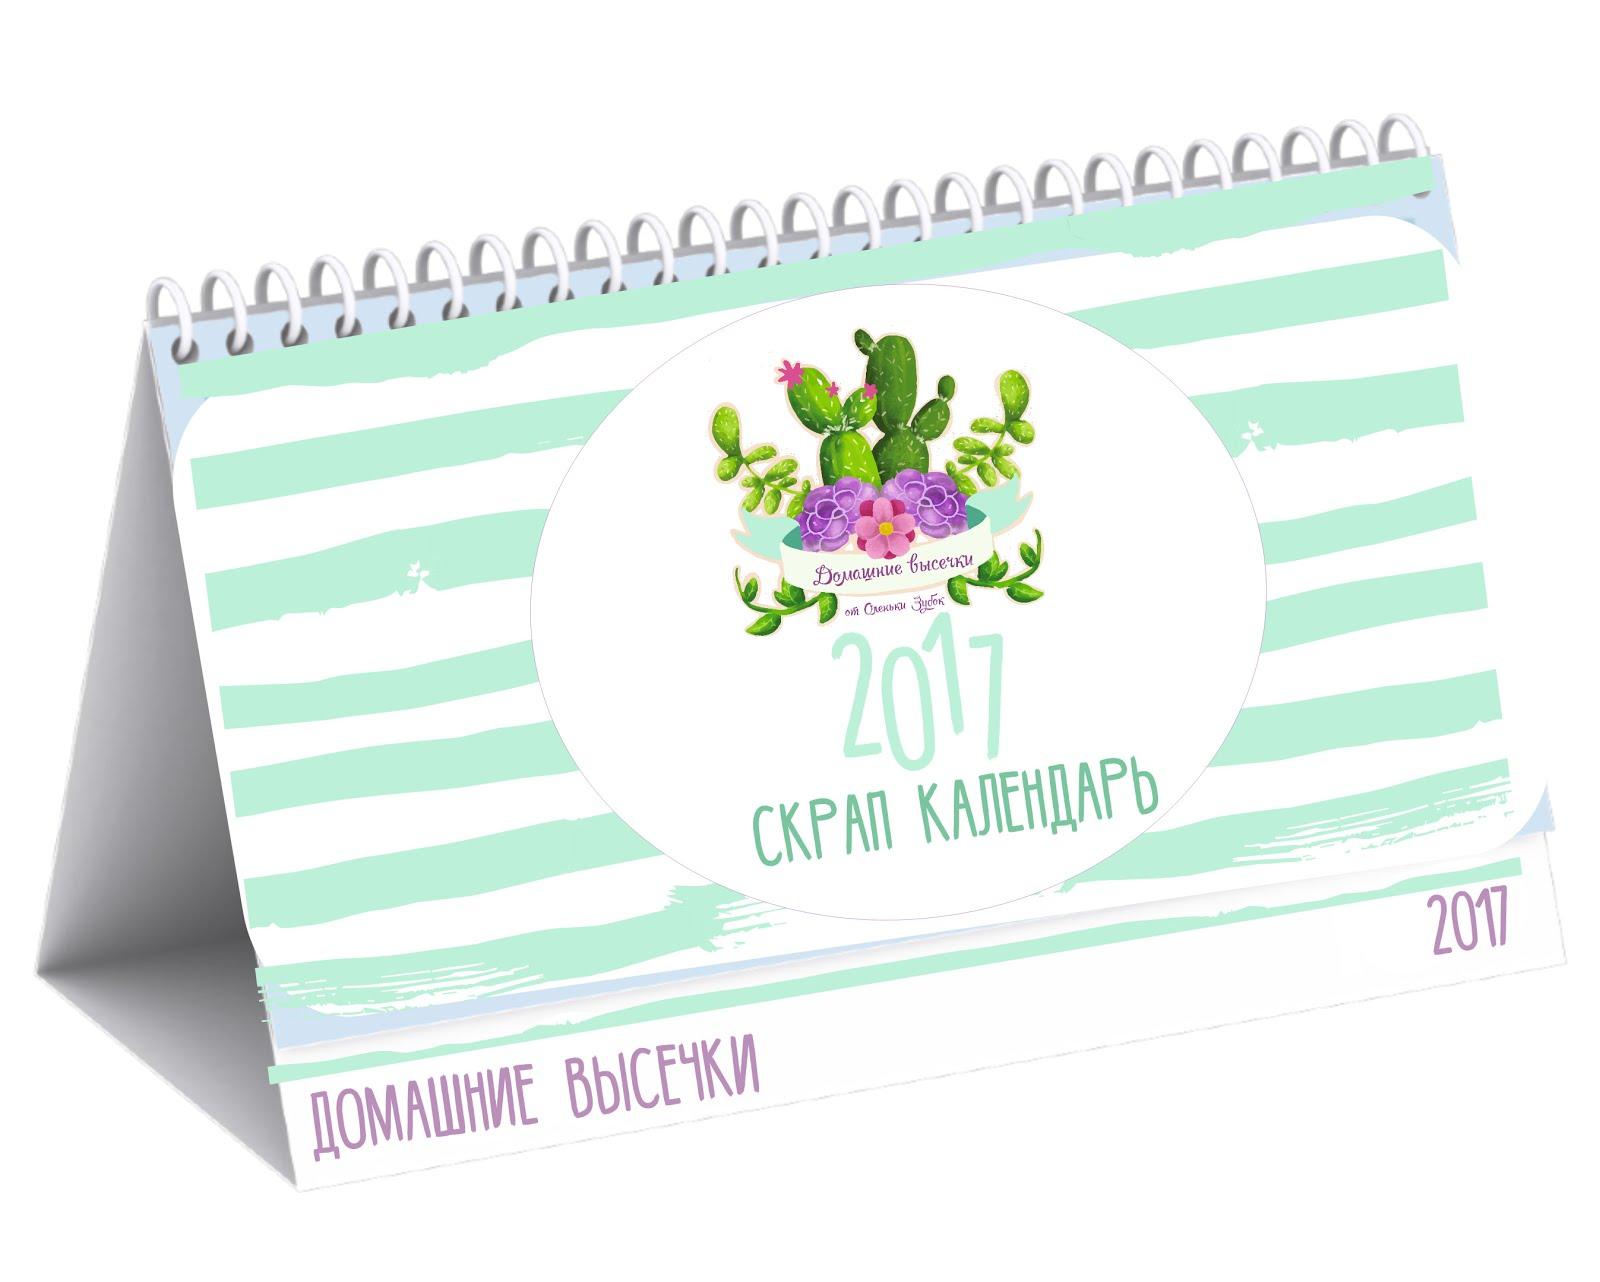 Конкурс скрап-календарь